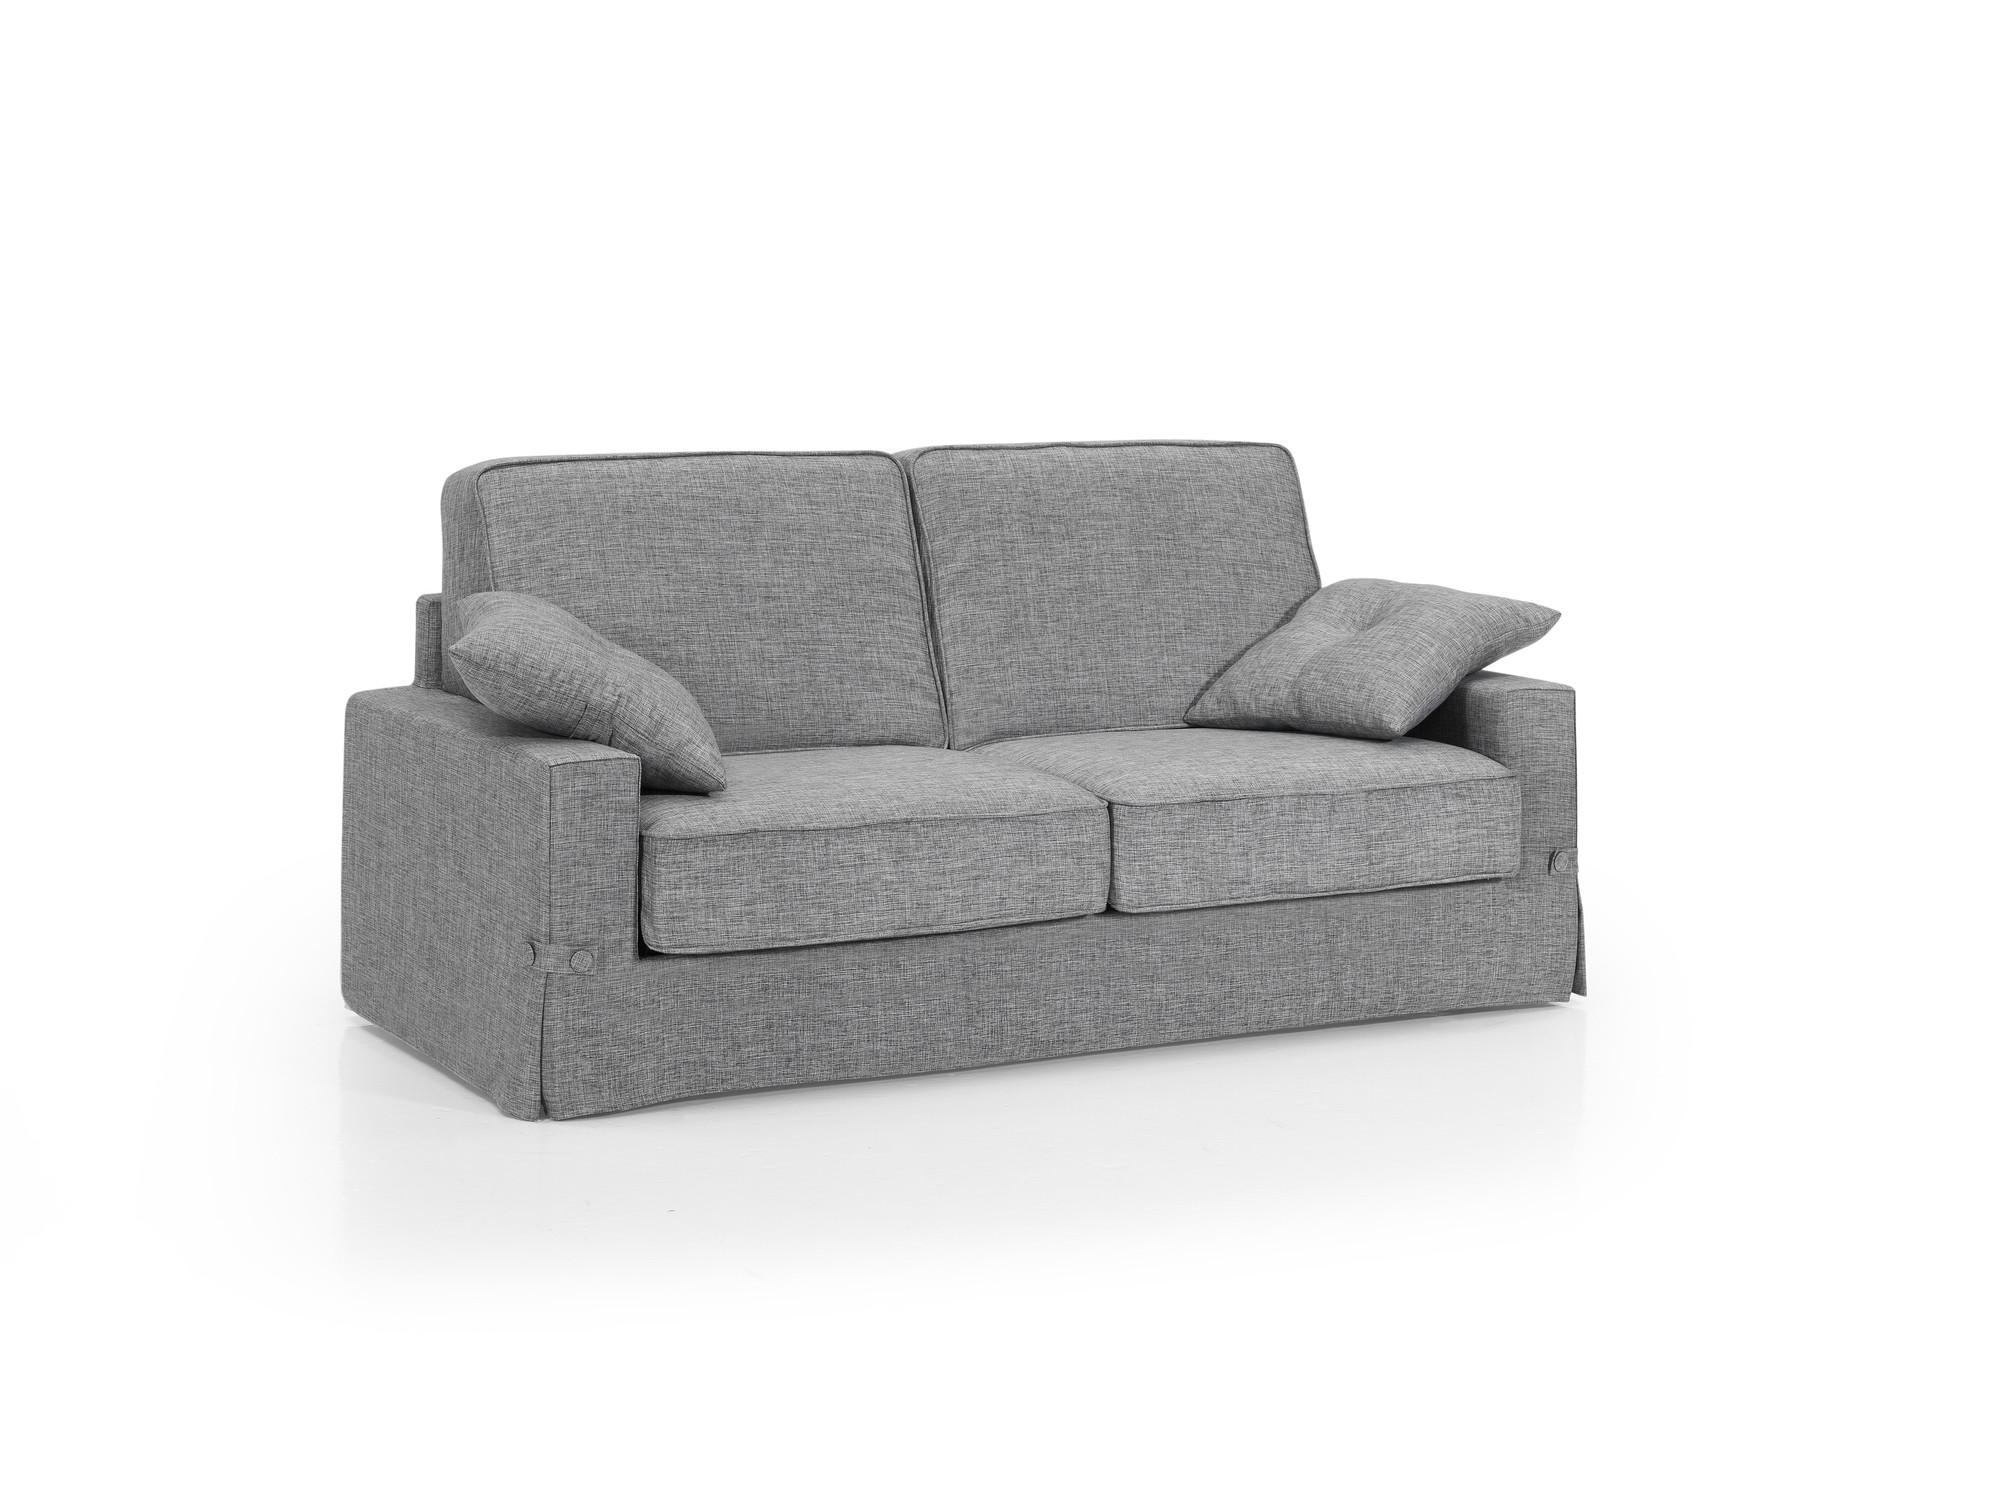 Comprar sofas cama baratos online la mesa de centro for Sofas cheslong cama baratos